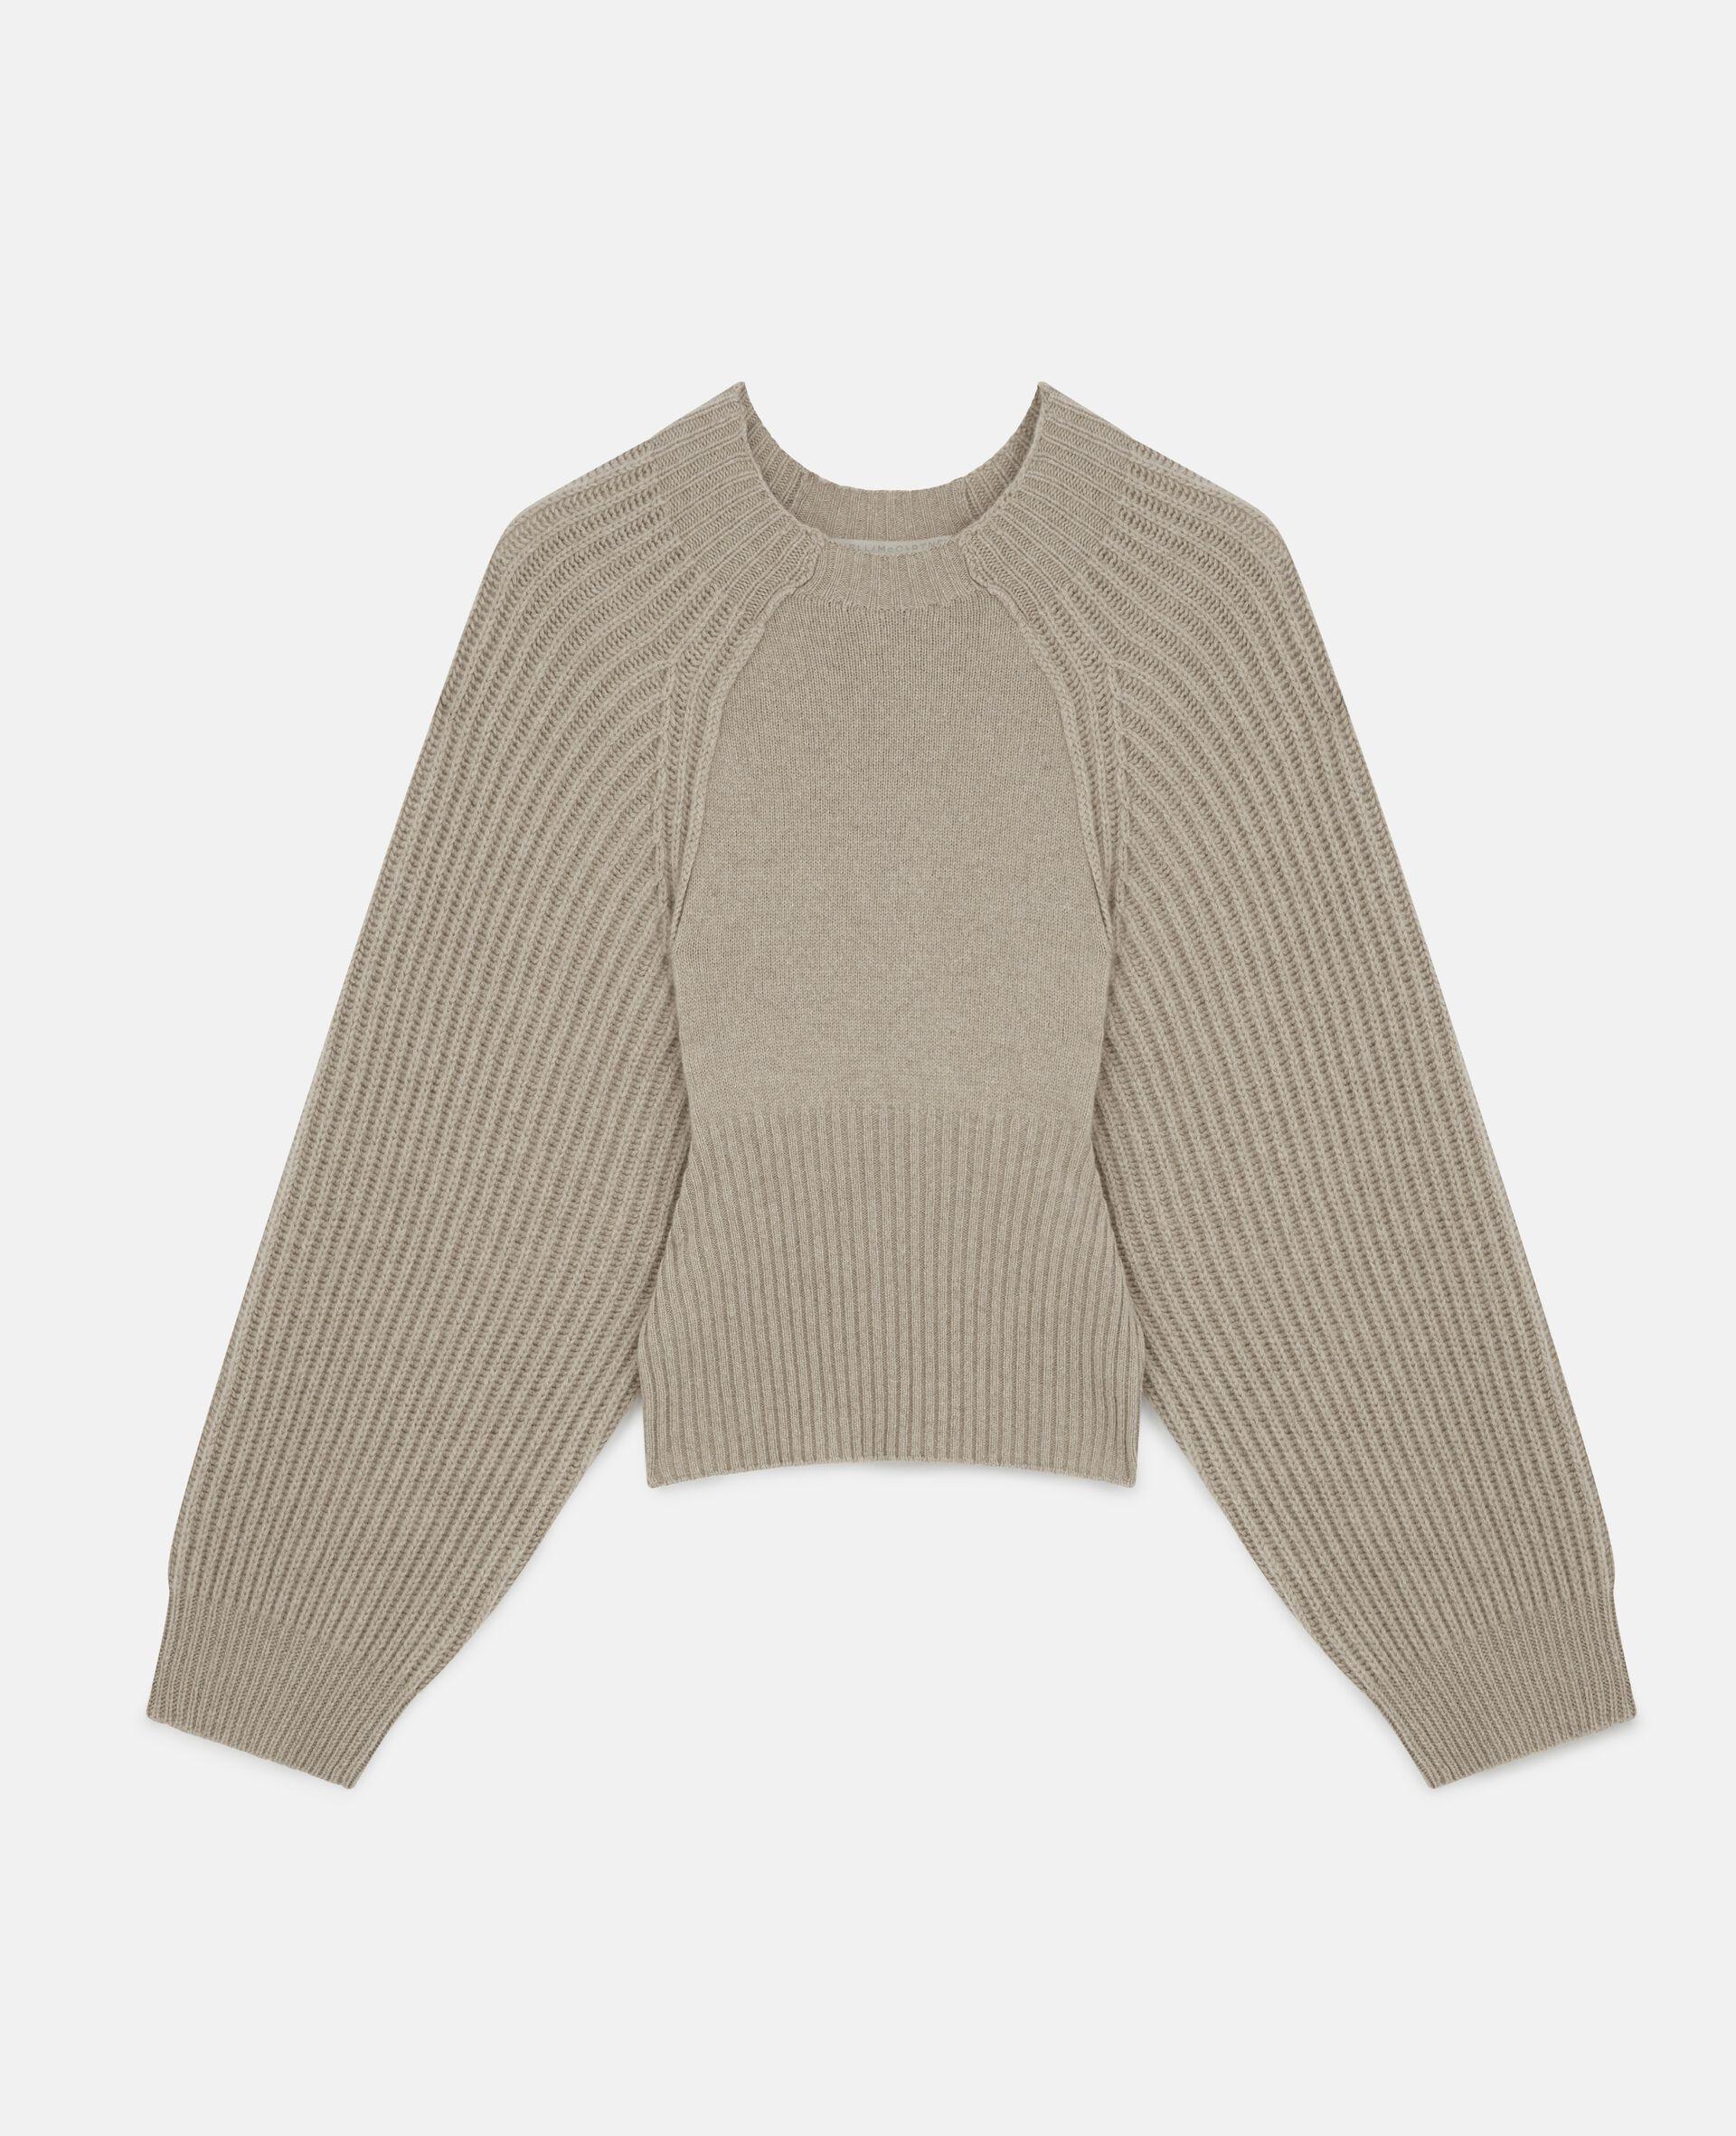 Cropped Knit Jumper -Beige-large image number 0